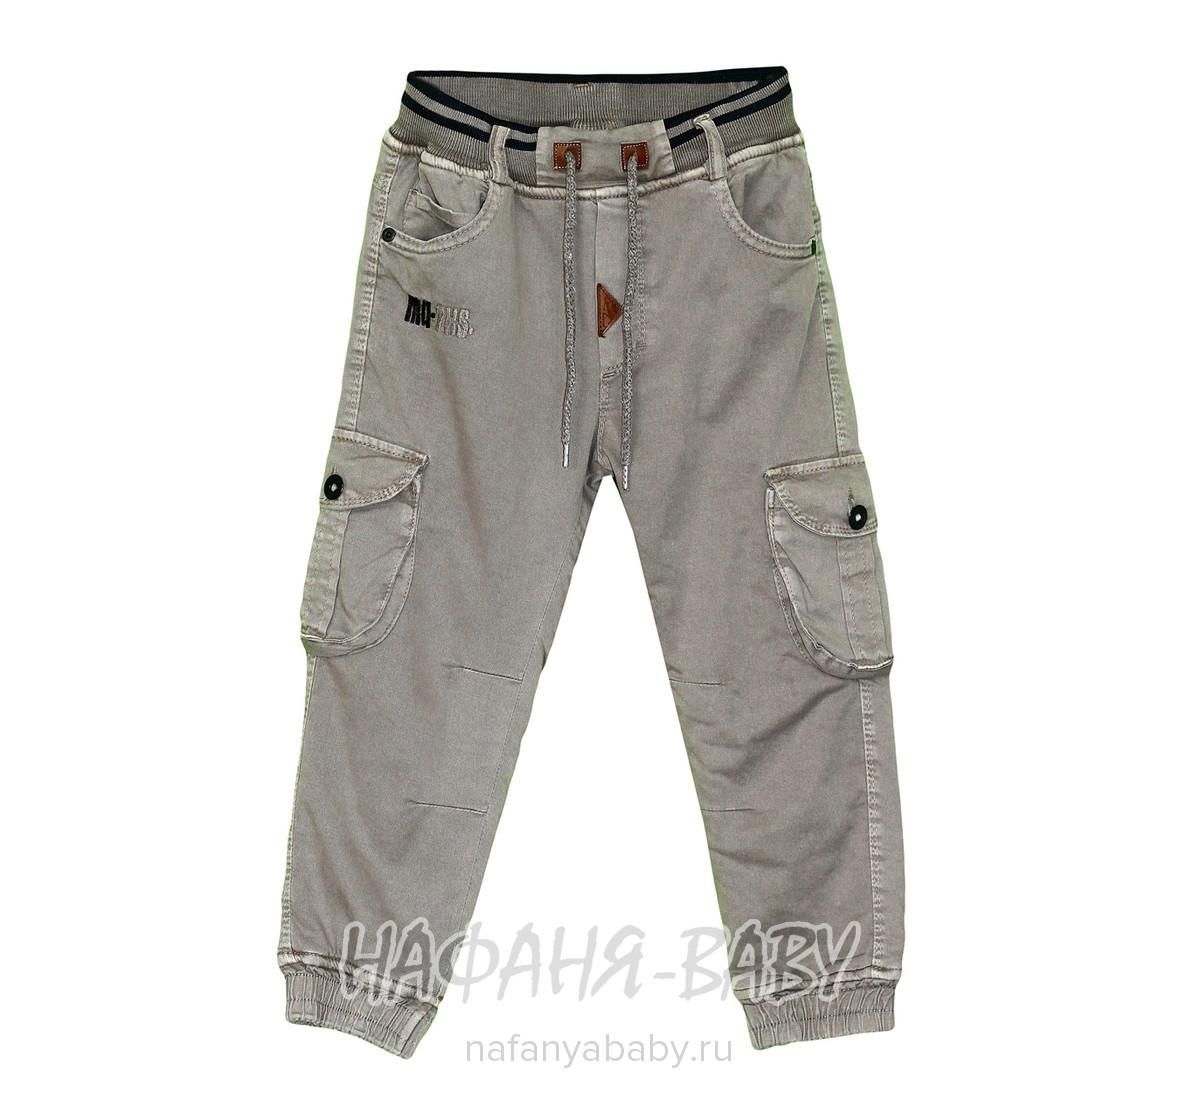 Детские теплые джинсы RIDAYEN арт: 1426, 5-9 лет, цвет бежевый, оптом Турция